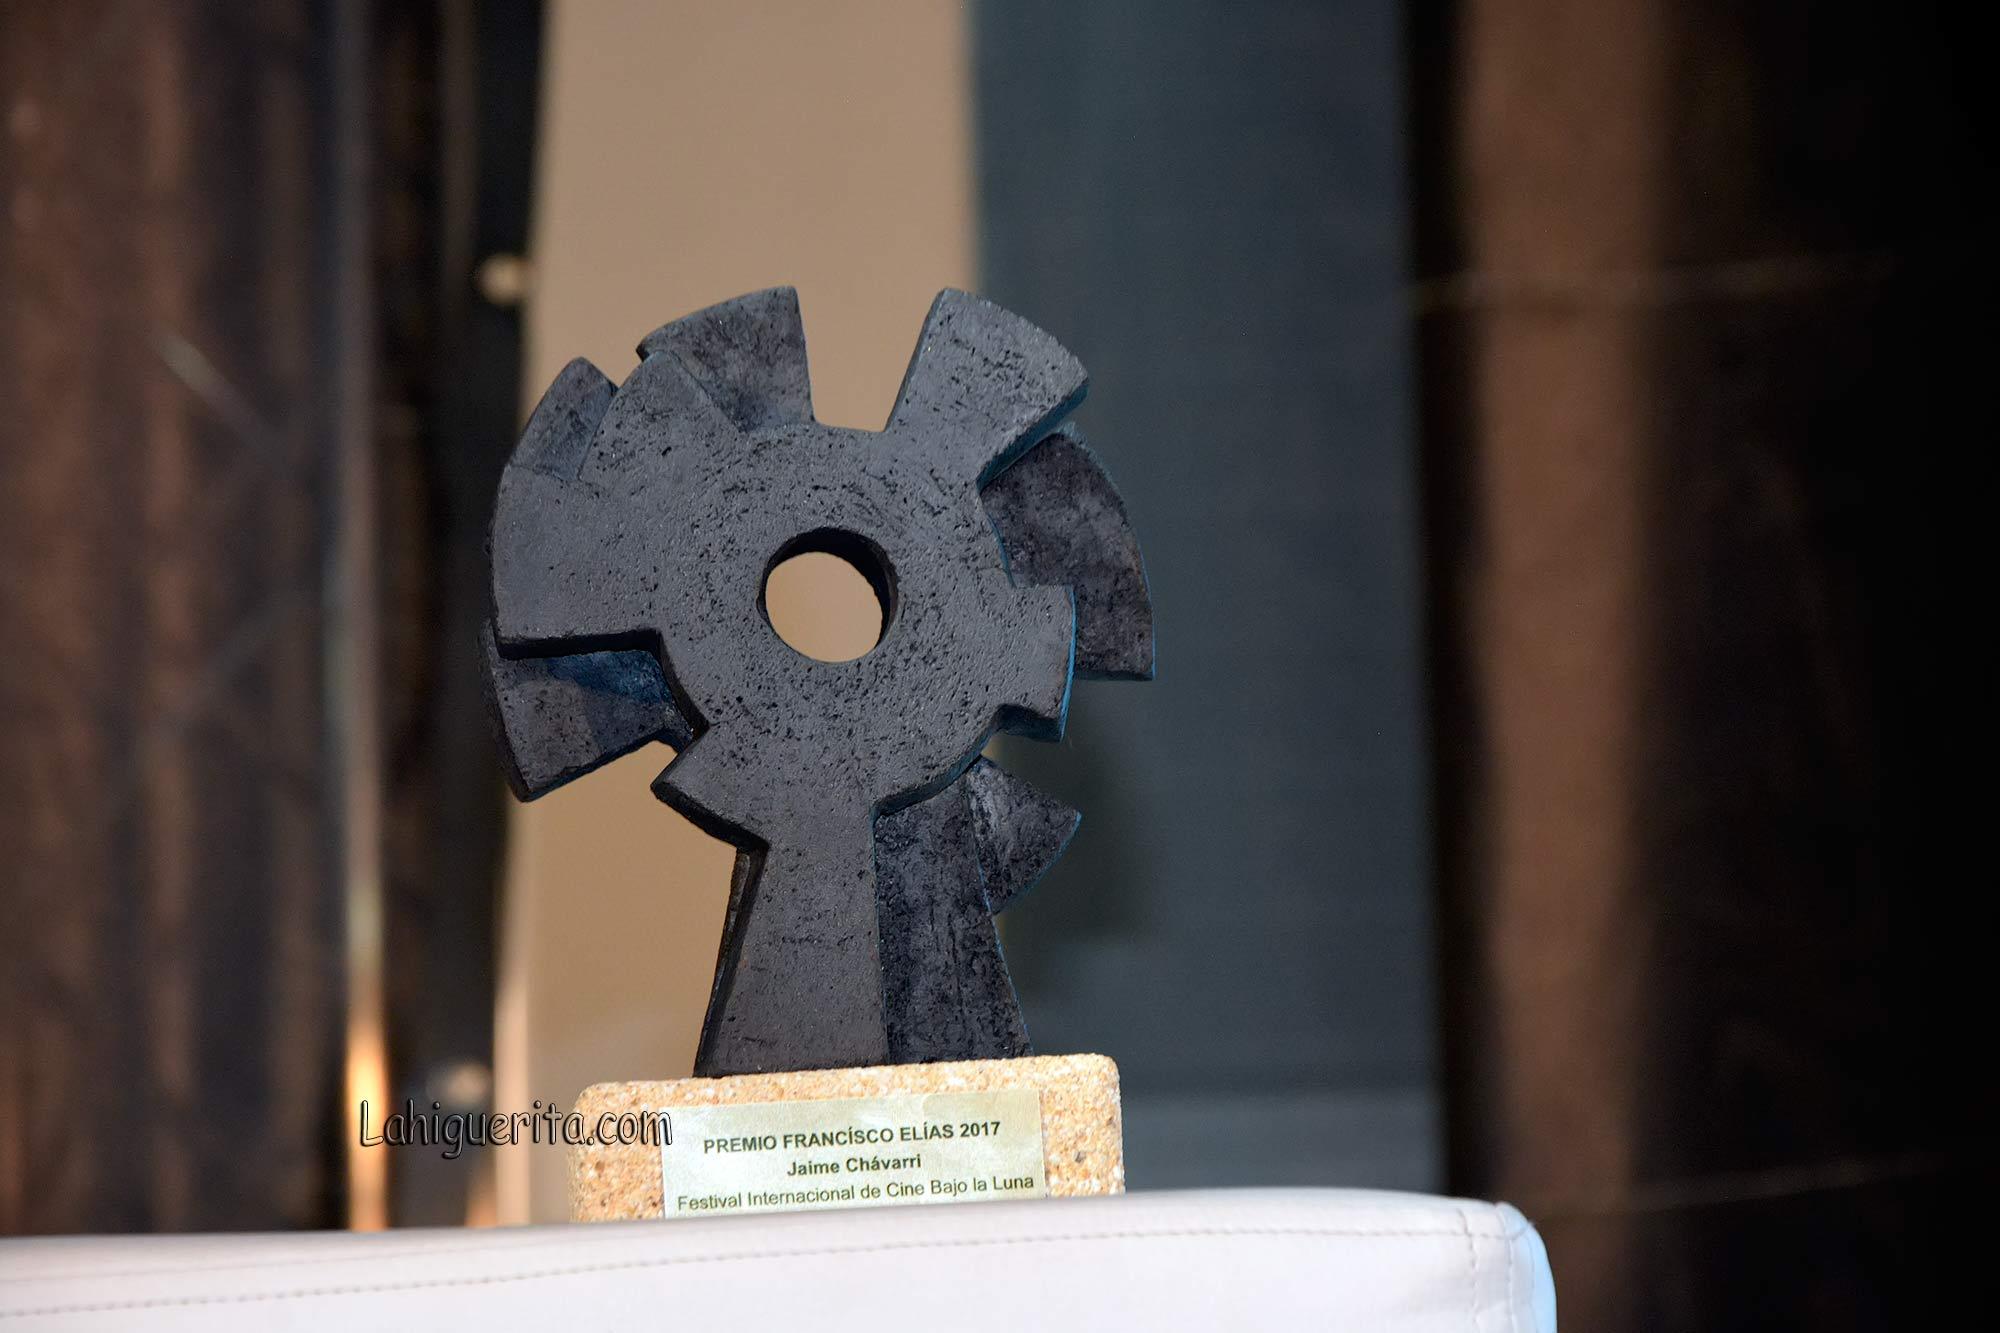 Premio-Francisco-Elias_DSC8408